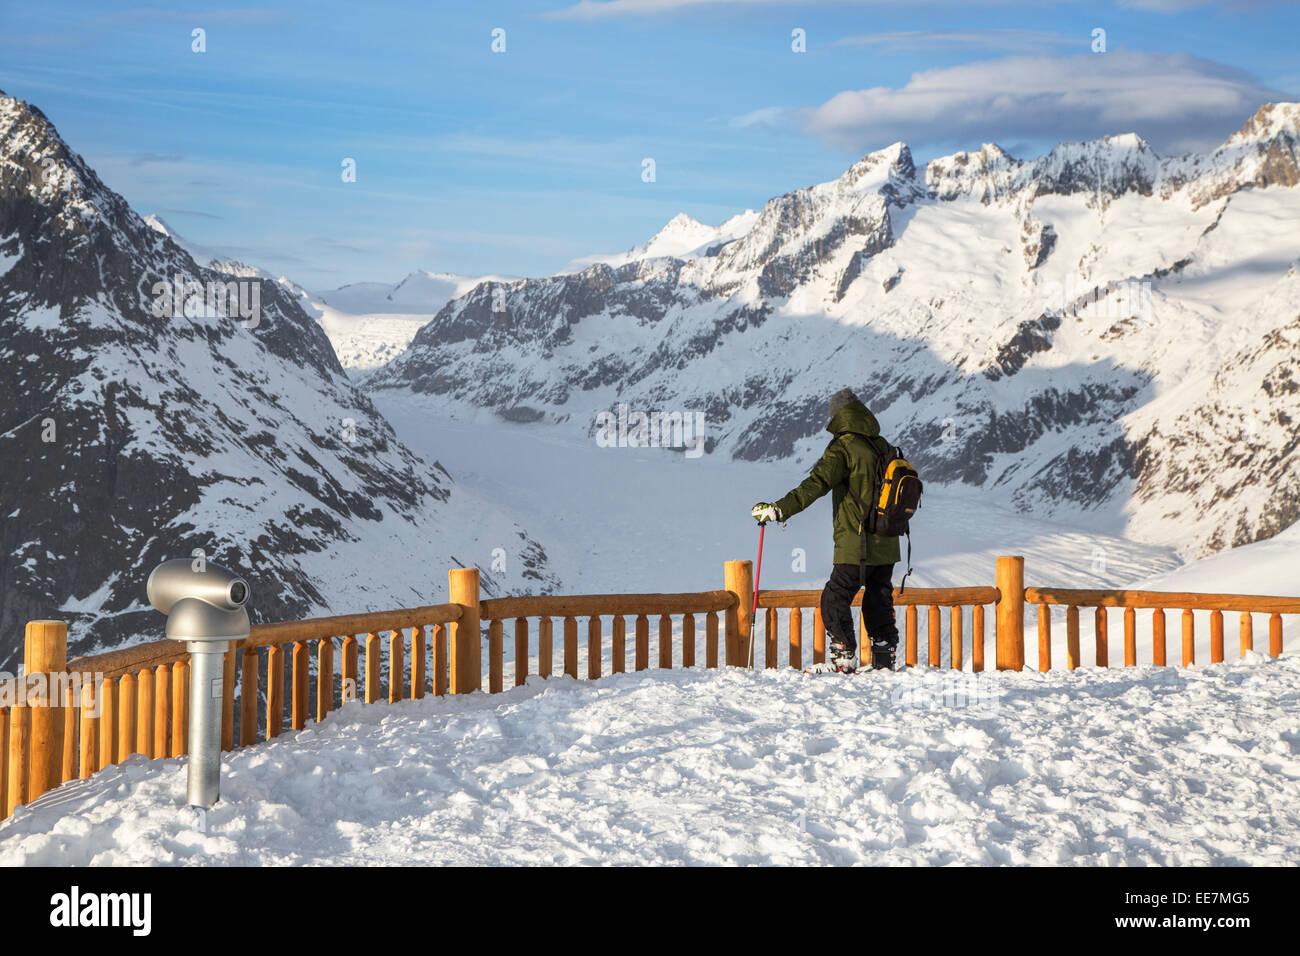 Touristen in den Schnee, der Blick auf die Berge im Winter rund um den Schweizer Aletschgletscher, größte Stockbild